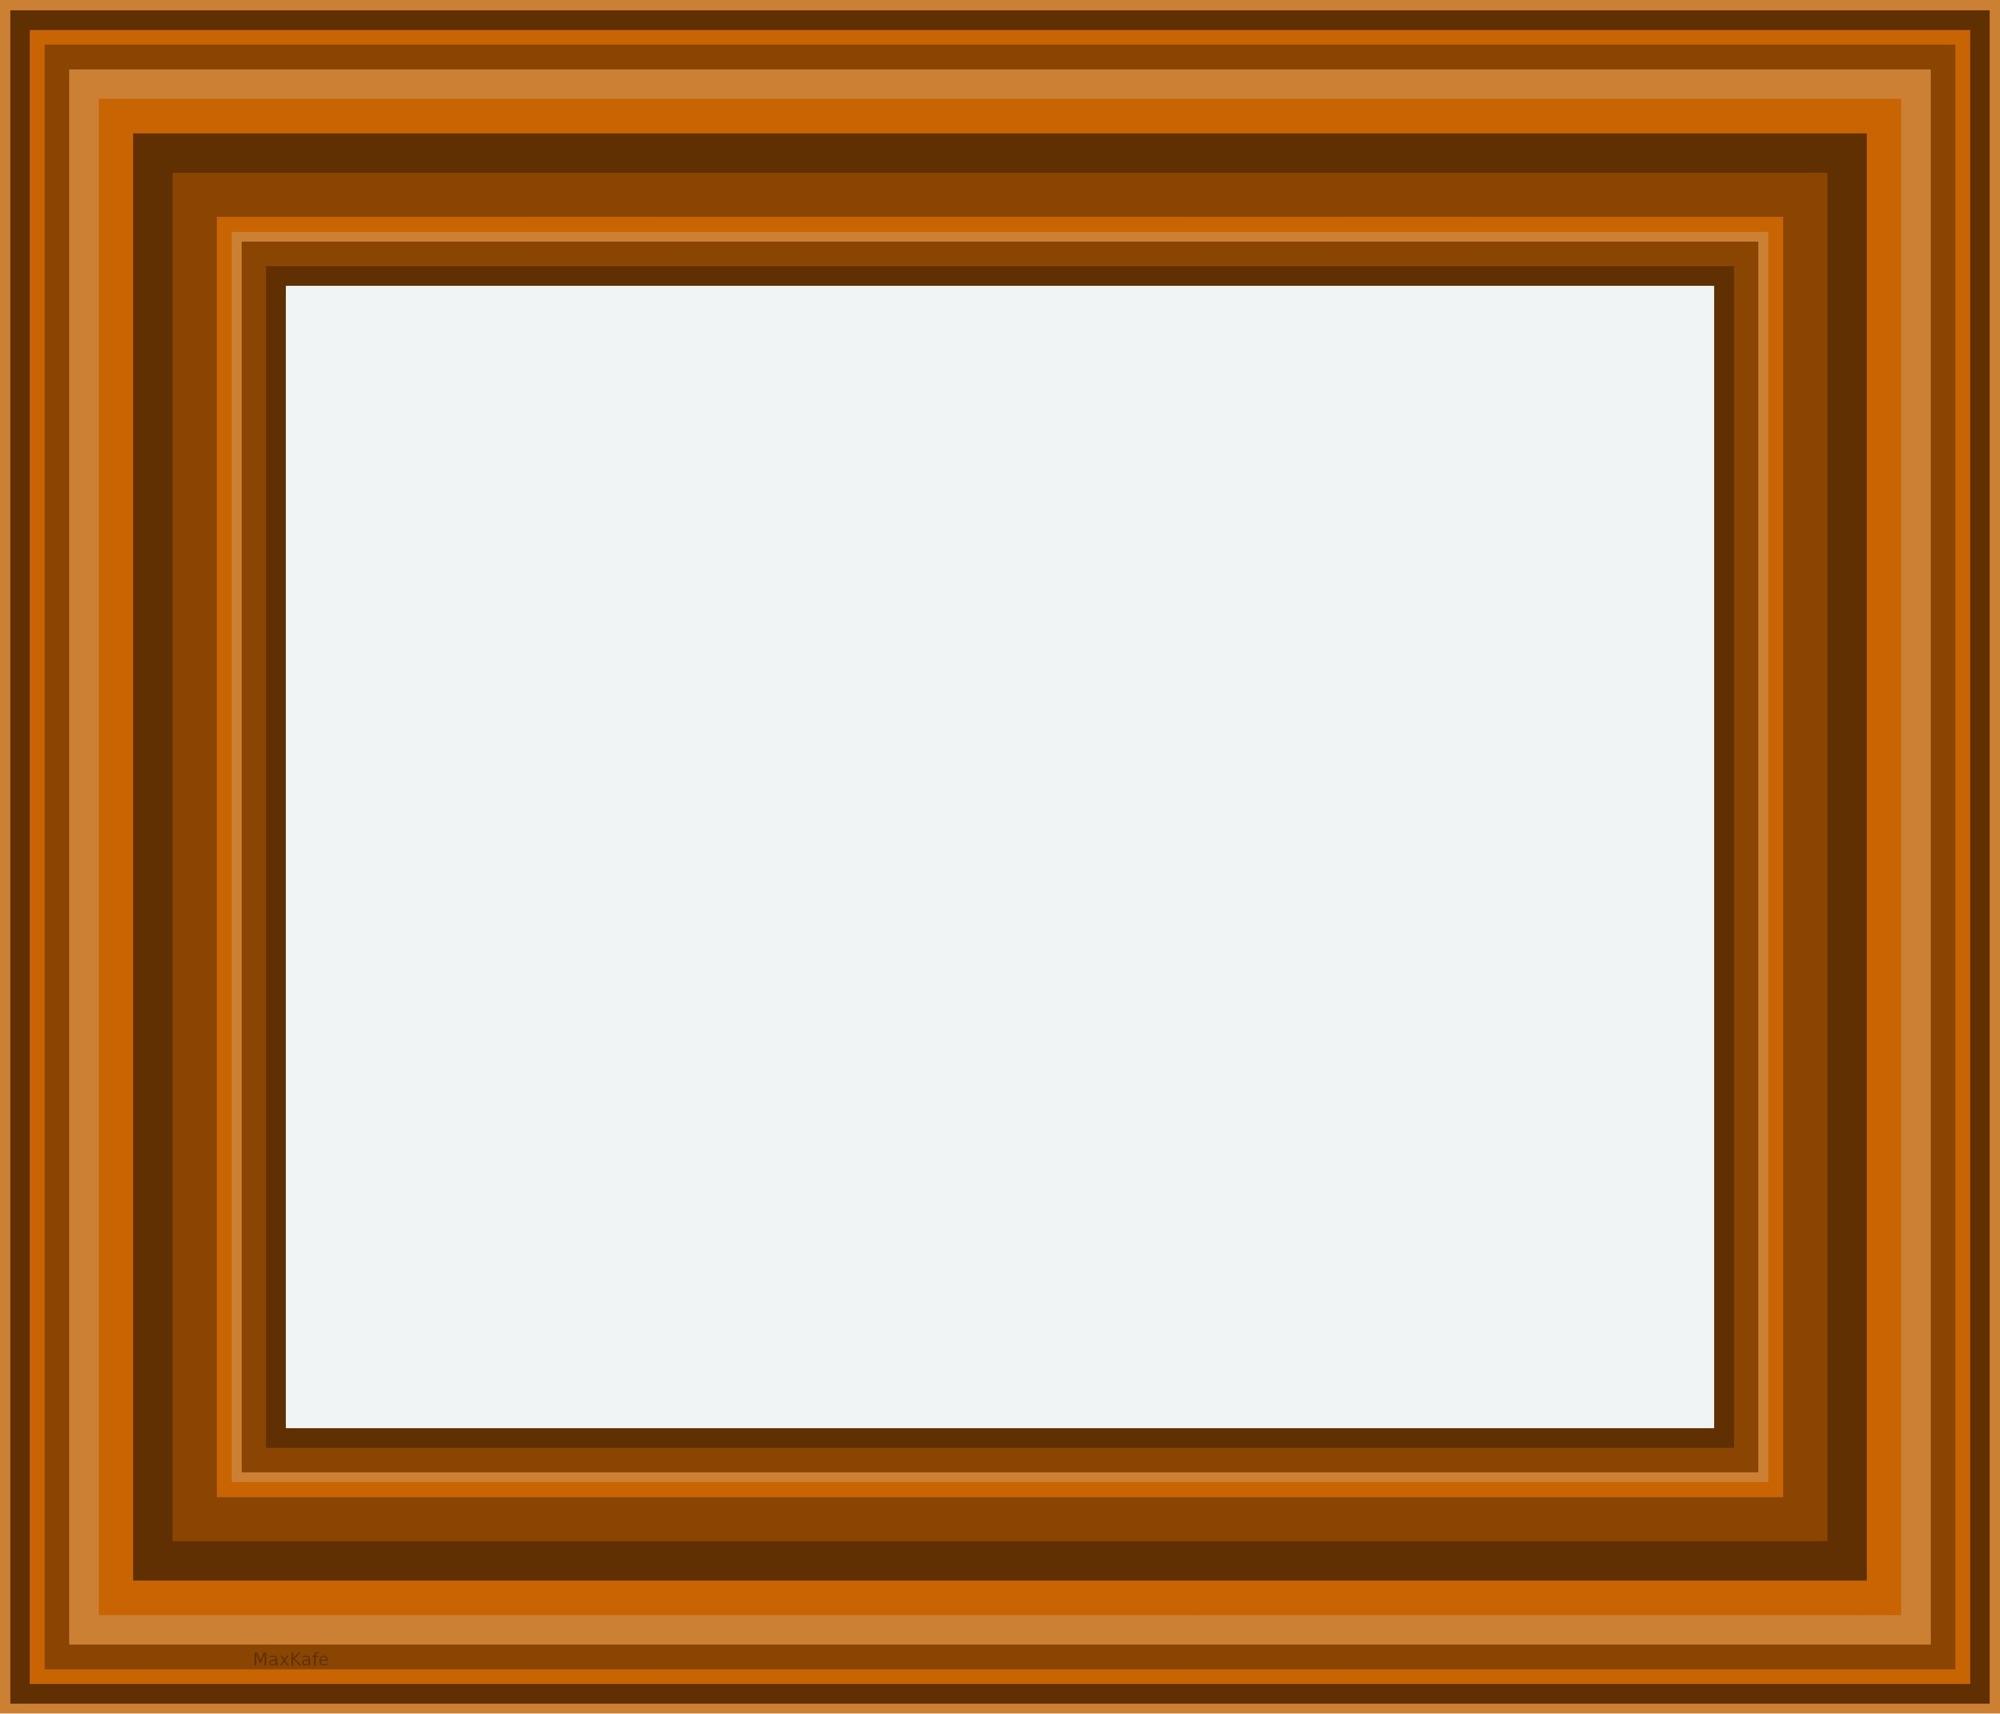 """MK16LFS132 Frame 6x7 Brown <a href=""""https://dl.orangedox.com/kDrXiT"""">[DOWNLOAD]</a>"""